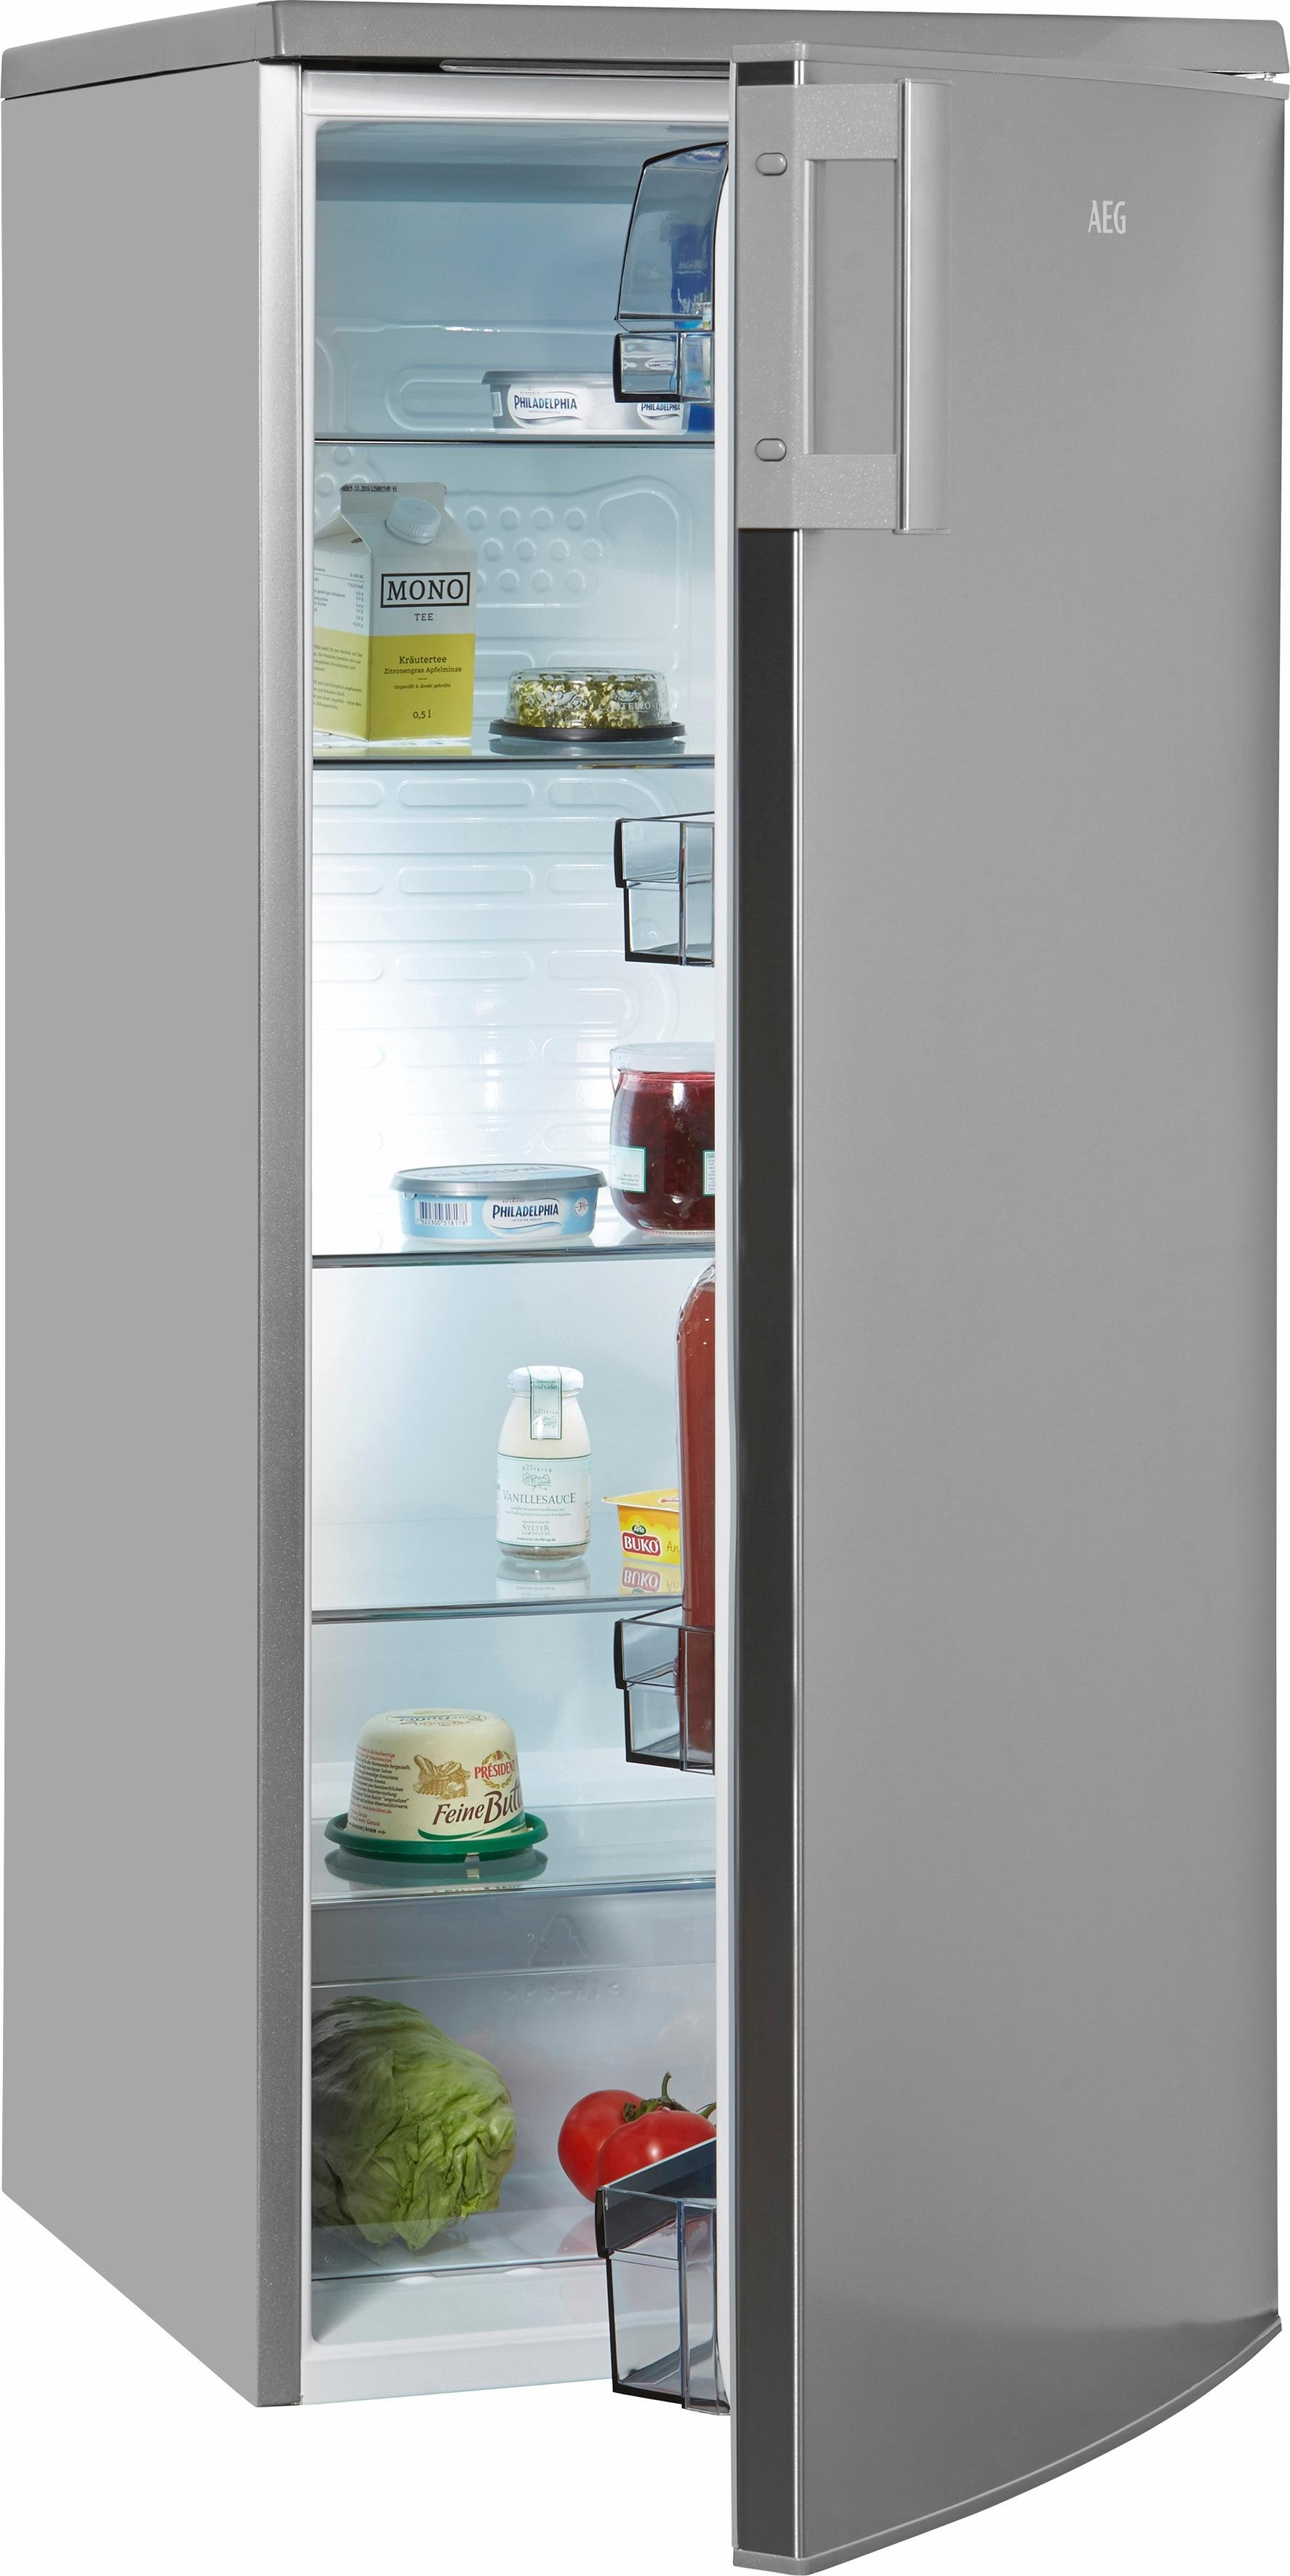 AEG koelkast RKB52512AX, A+, 125 cm hoog nu online kopen bij OTTO